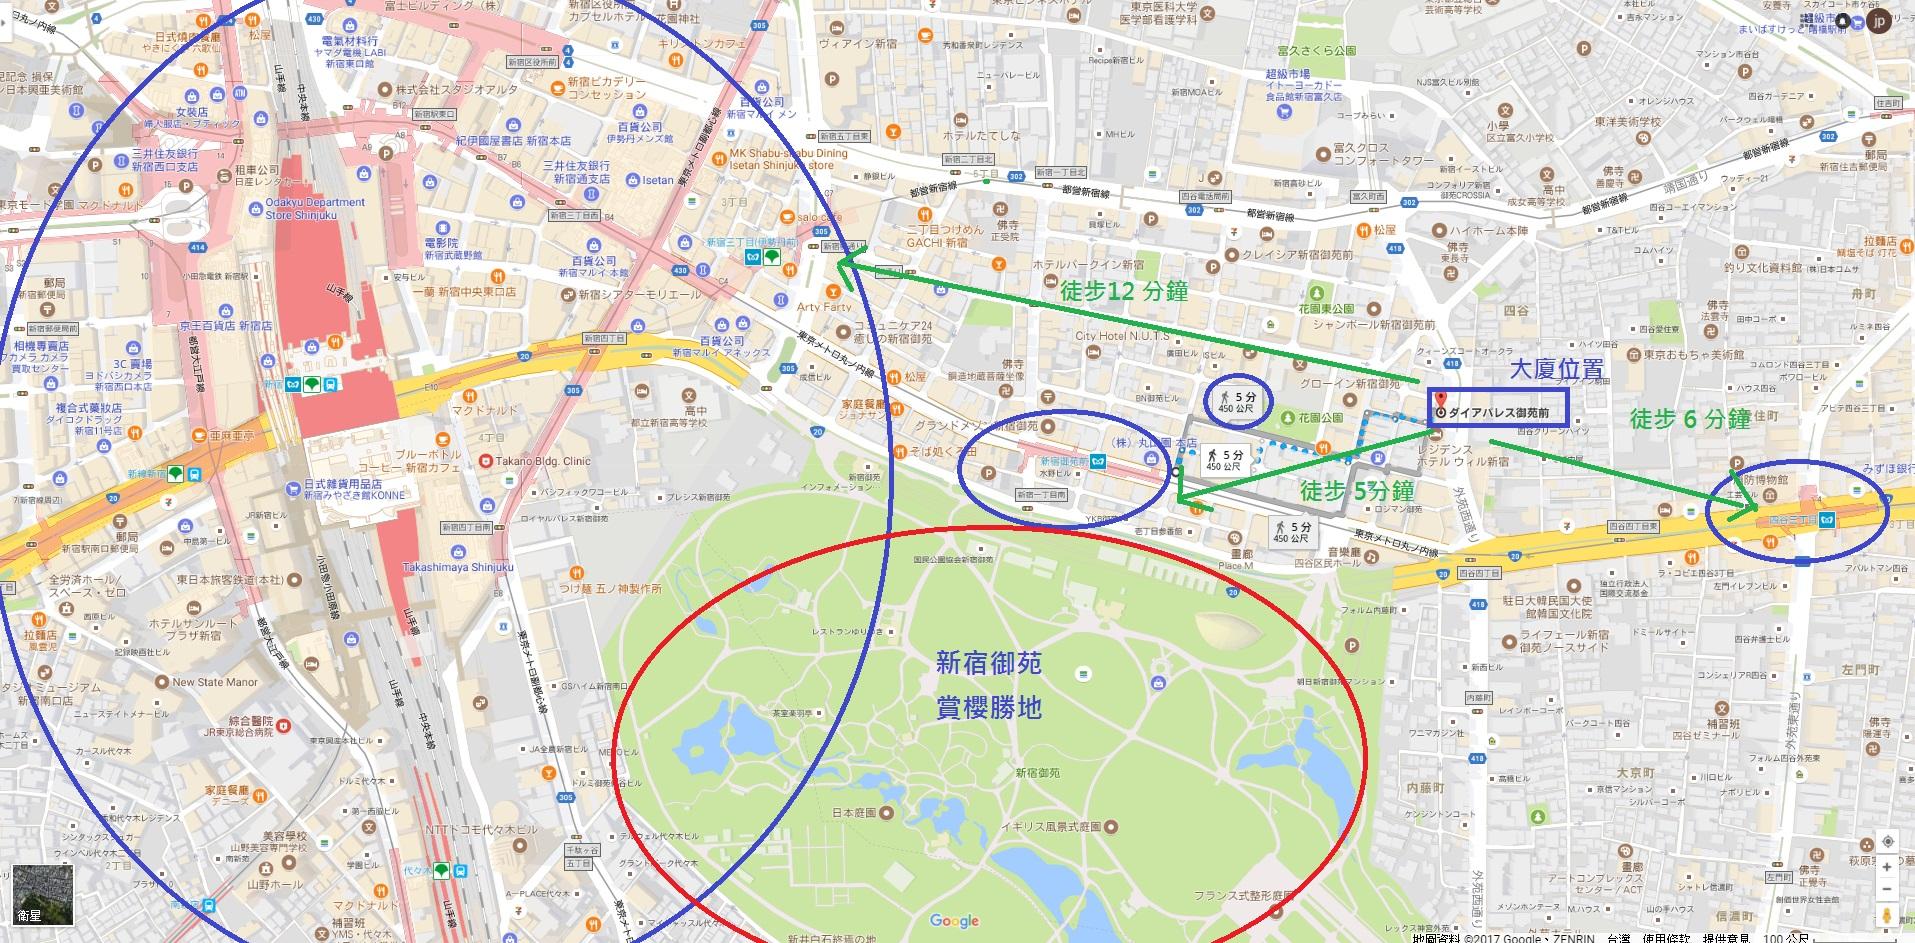 TN-東京新宿御苑前(1480)8